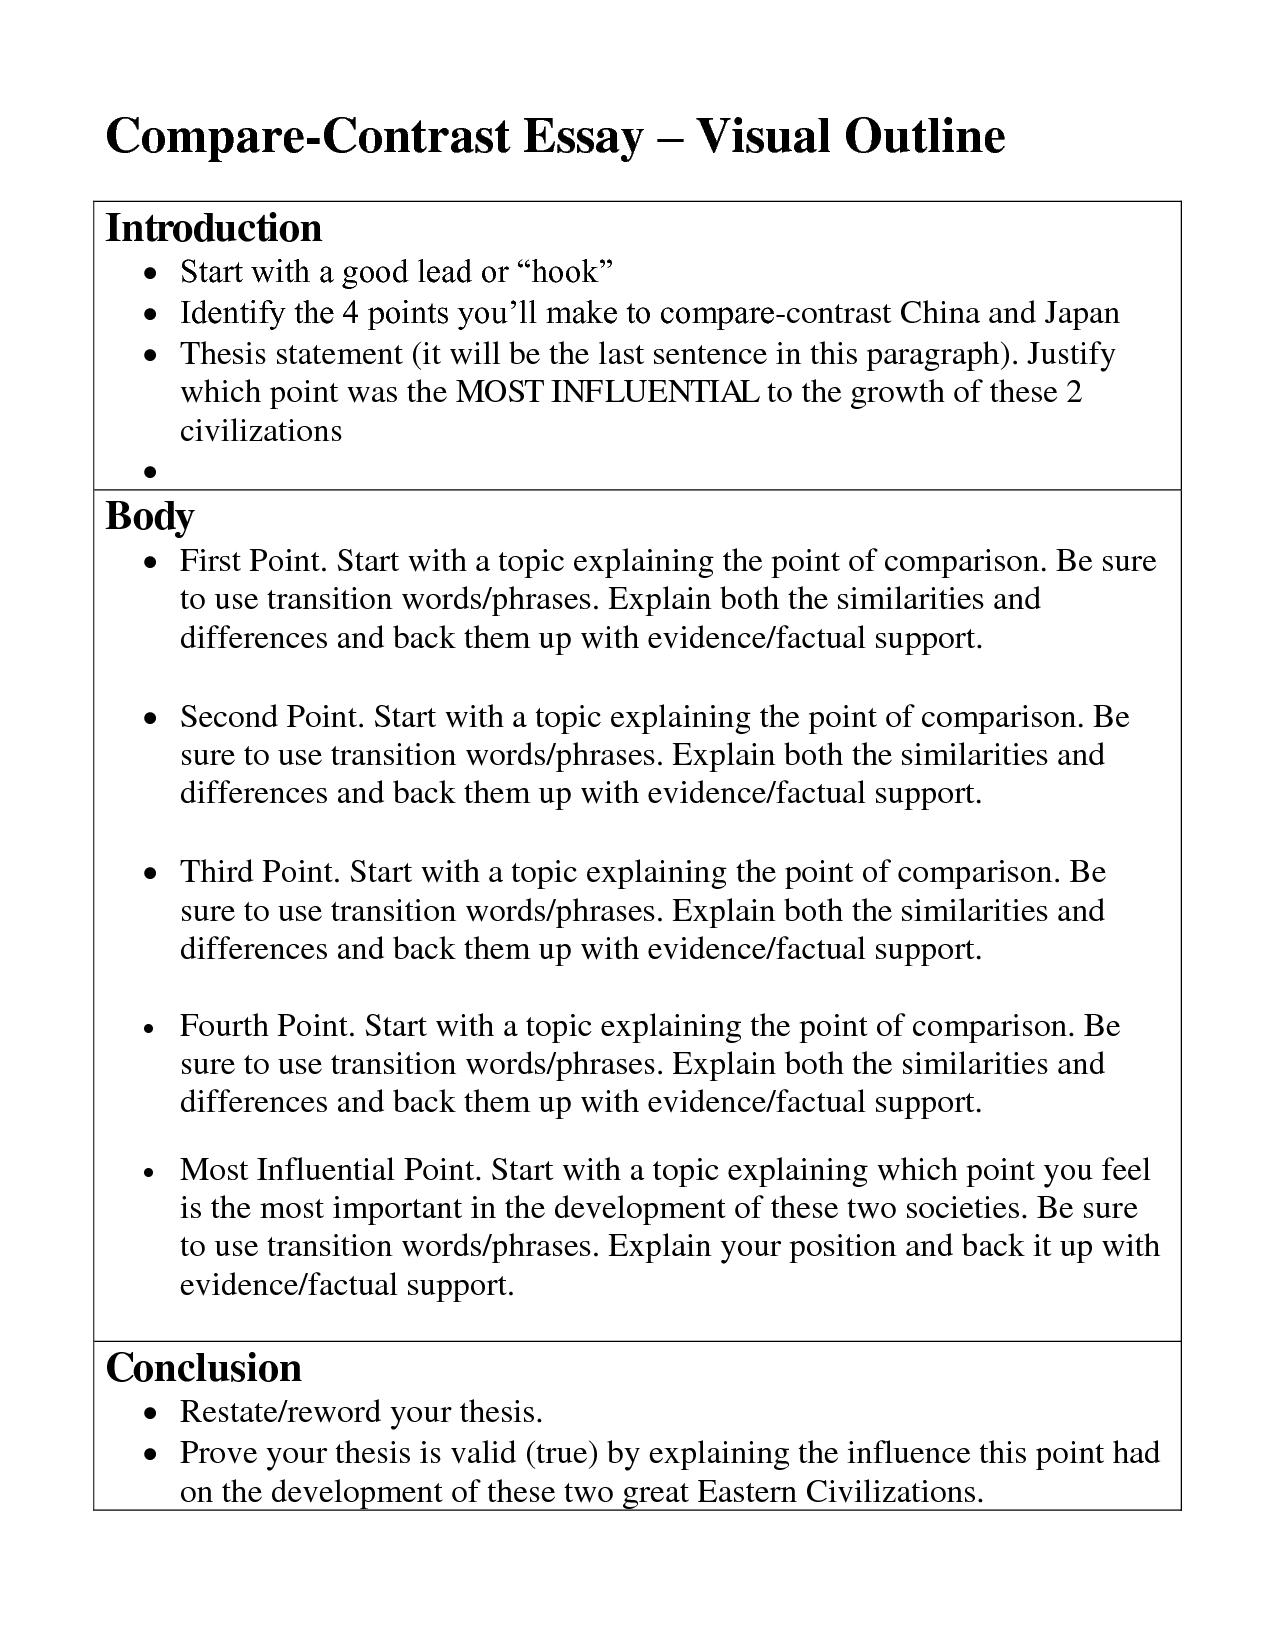 Audiencepoko Compare And Contrast Essay Outline Worksheet Aufsatz Englisch Lernen Akademisches Schreiben